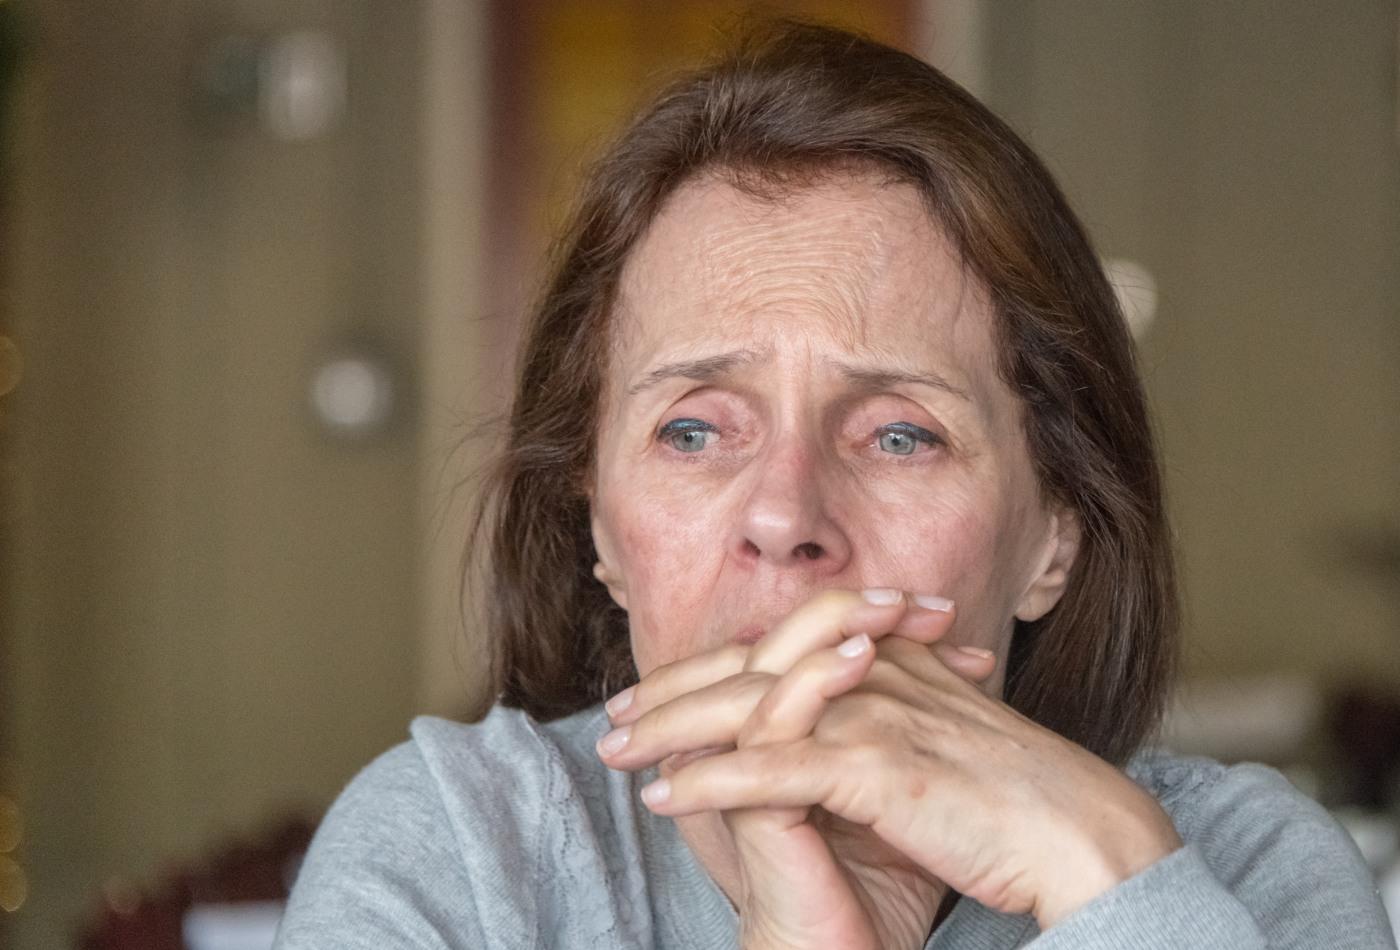 Mulher com sinais de depressão